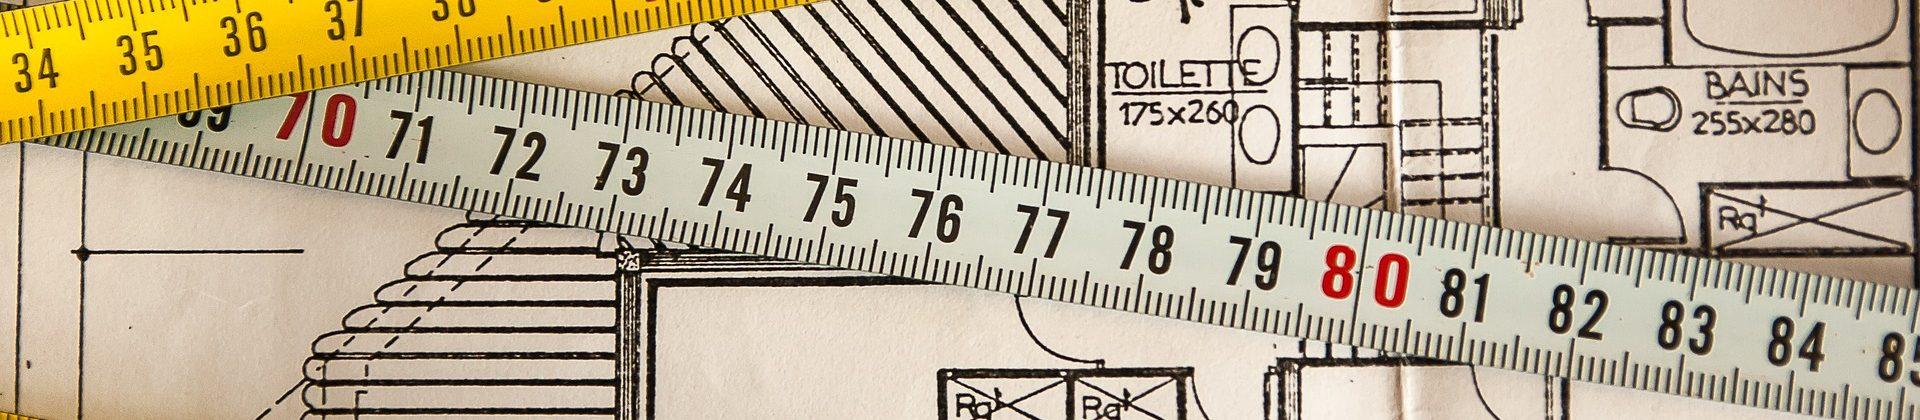 dessin de plan architecte avec mètre ruban de chantier